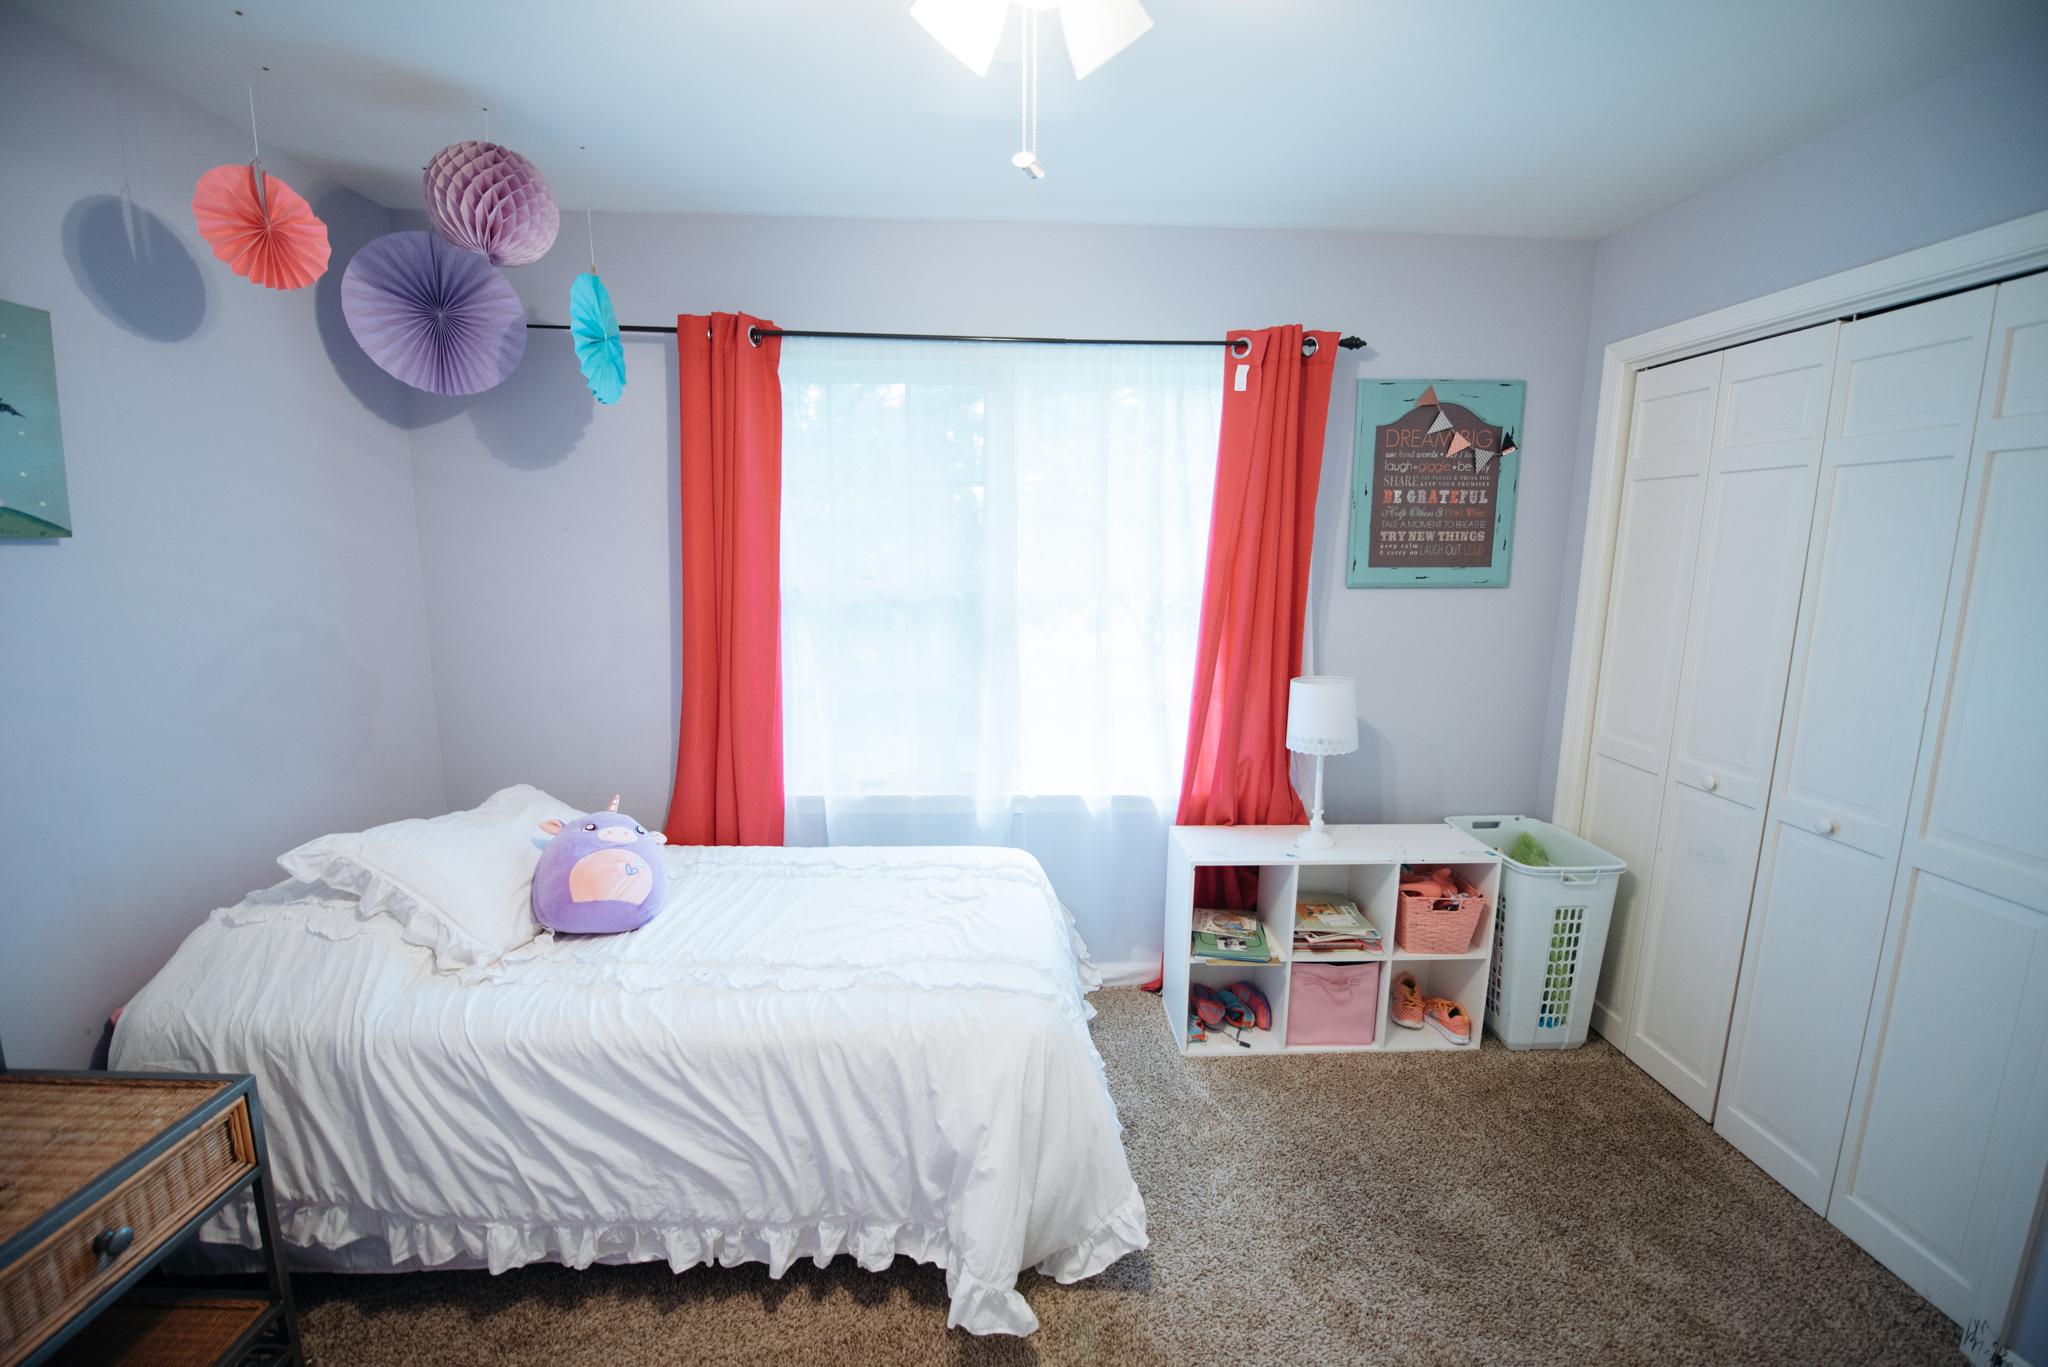 1st Bedroom - 10' x 12'